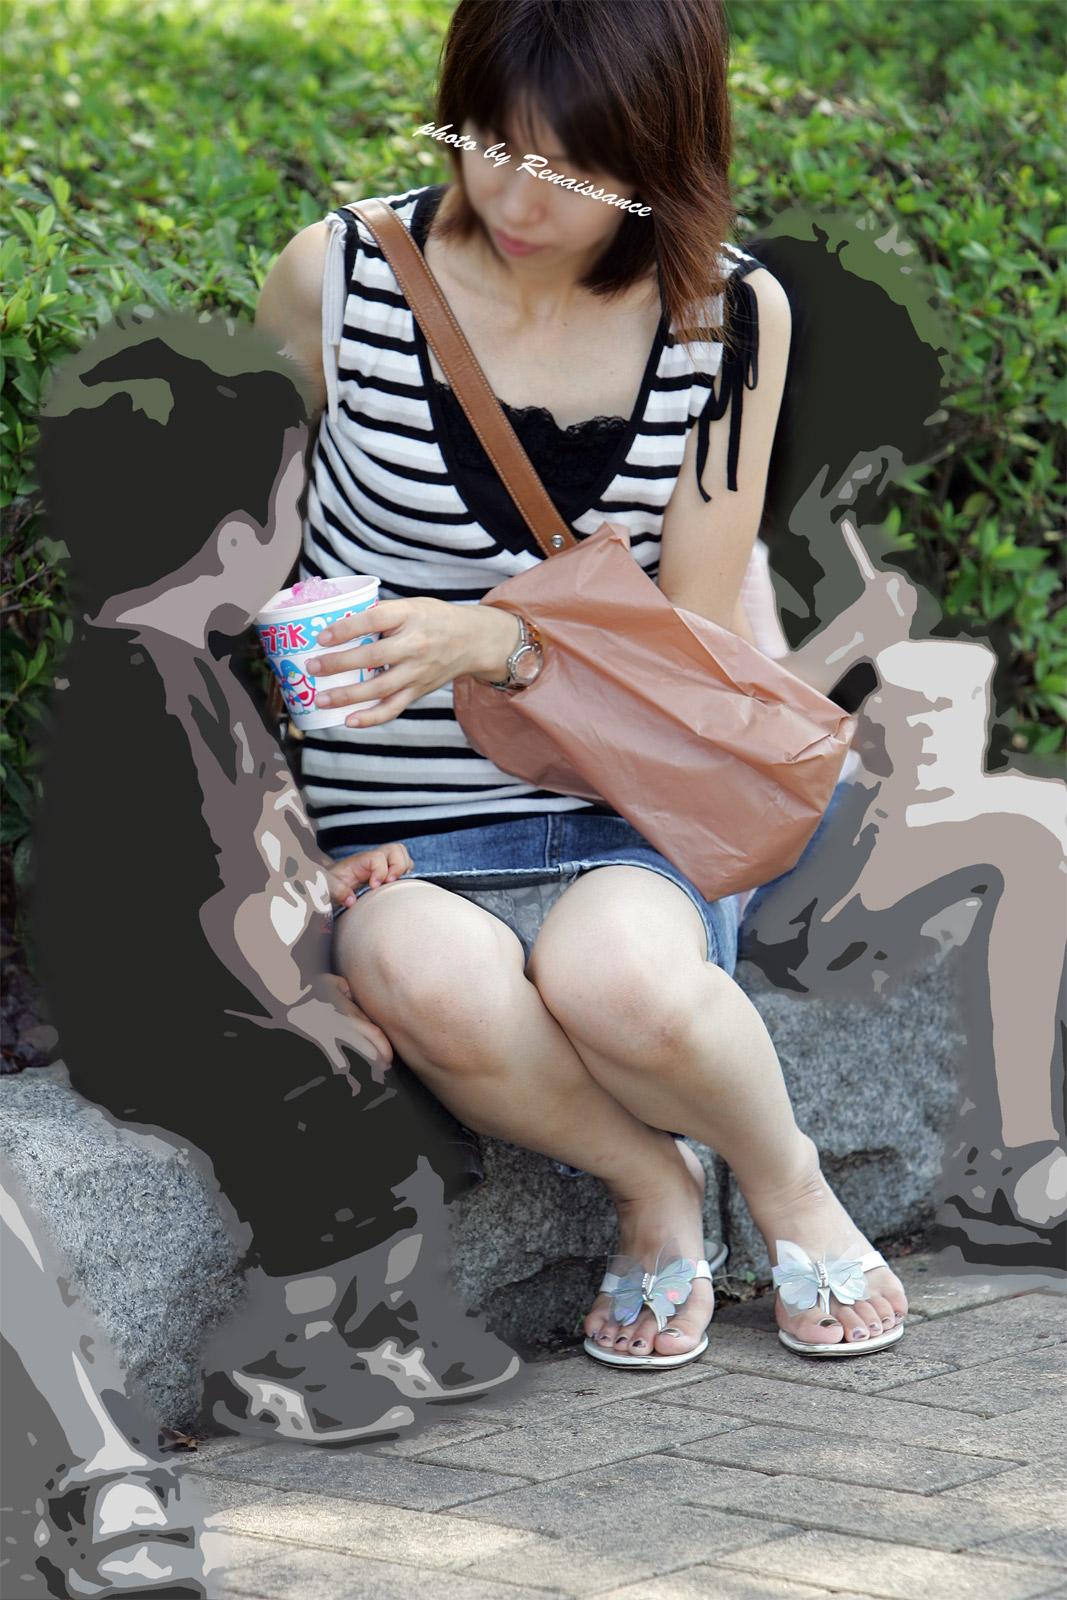 【子連れママパンチラ】近所の奥さんのパンチラって思うとめっちゃ興奮する!!子連れママさんの卑猥な股間がまる見えパンチラ画像 その2